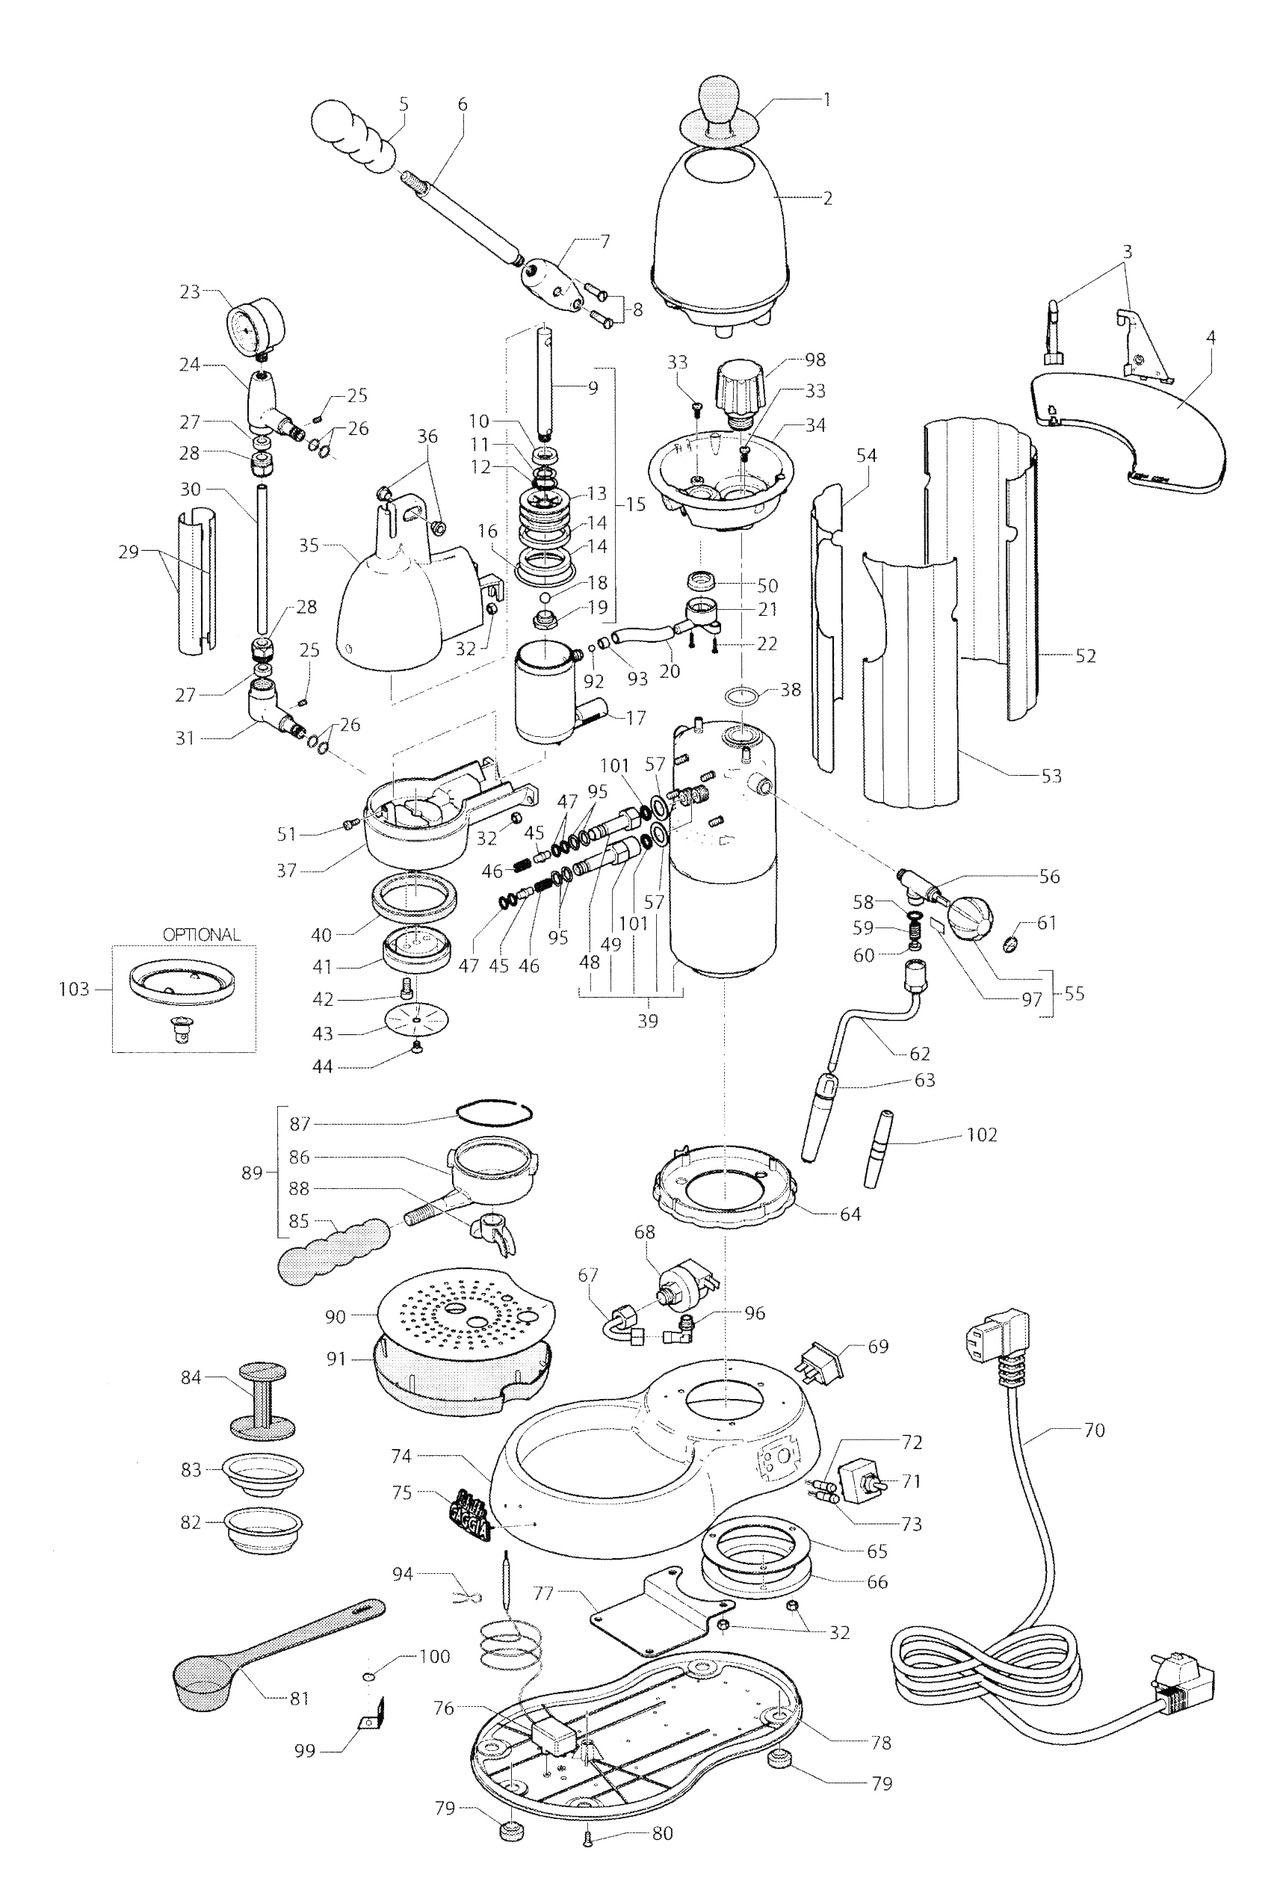 keurig wiring diagram ebook